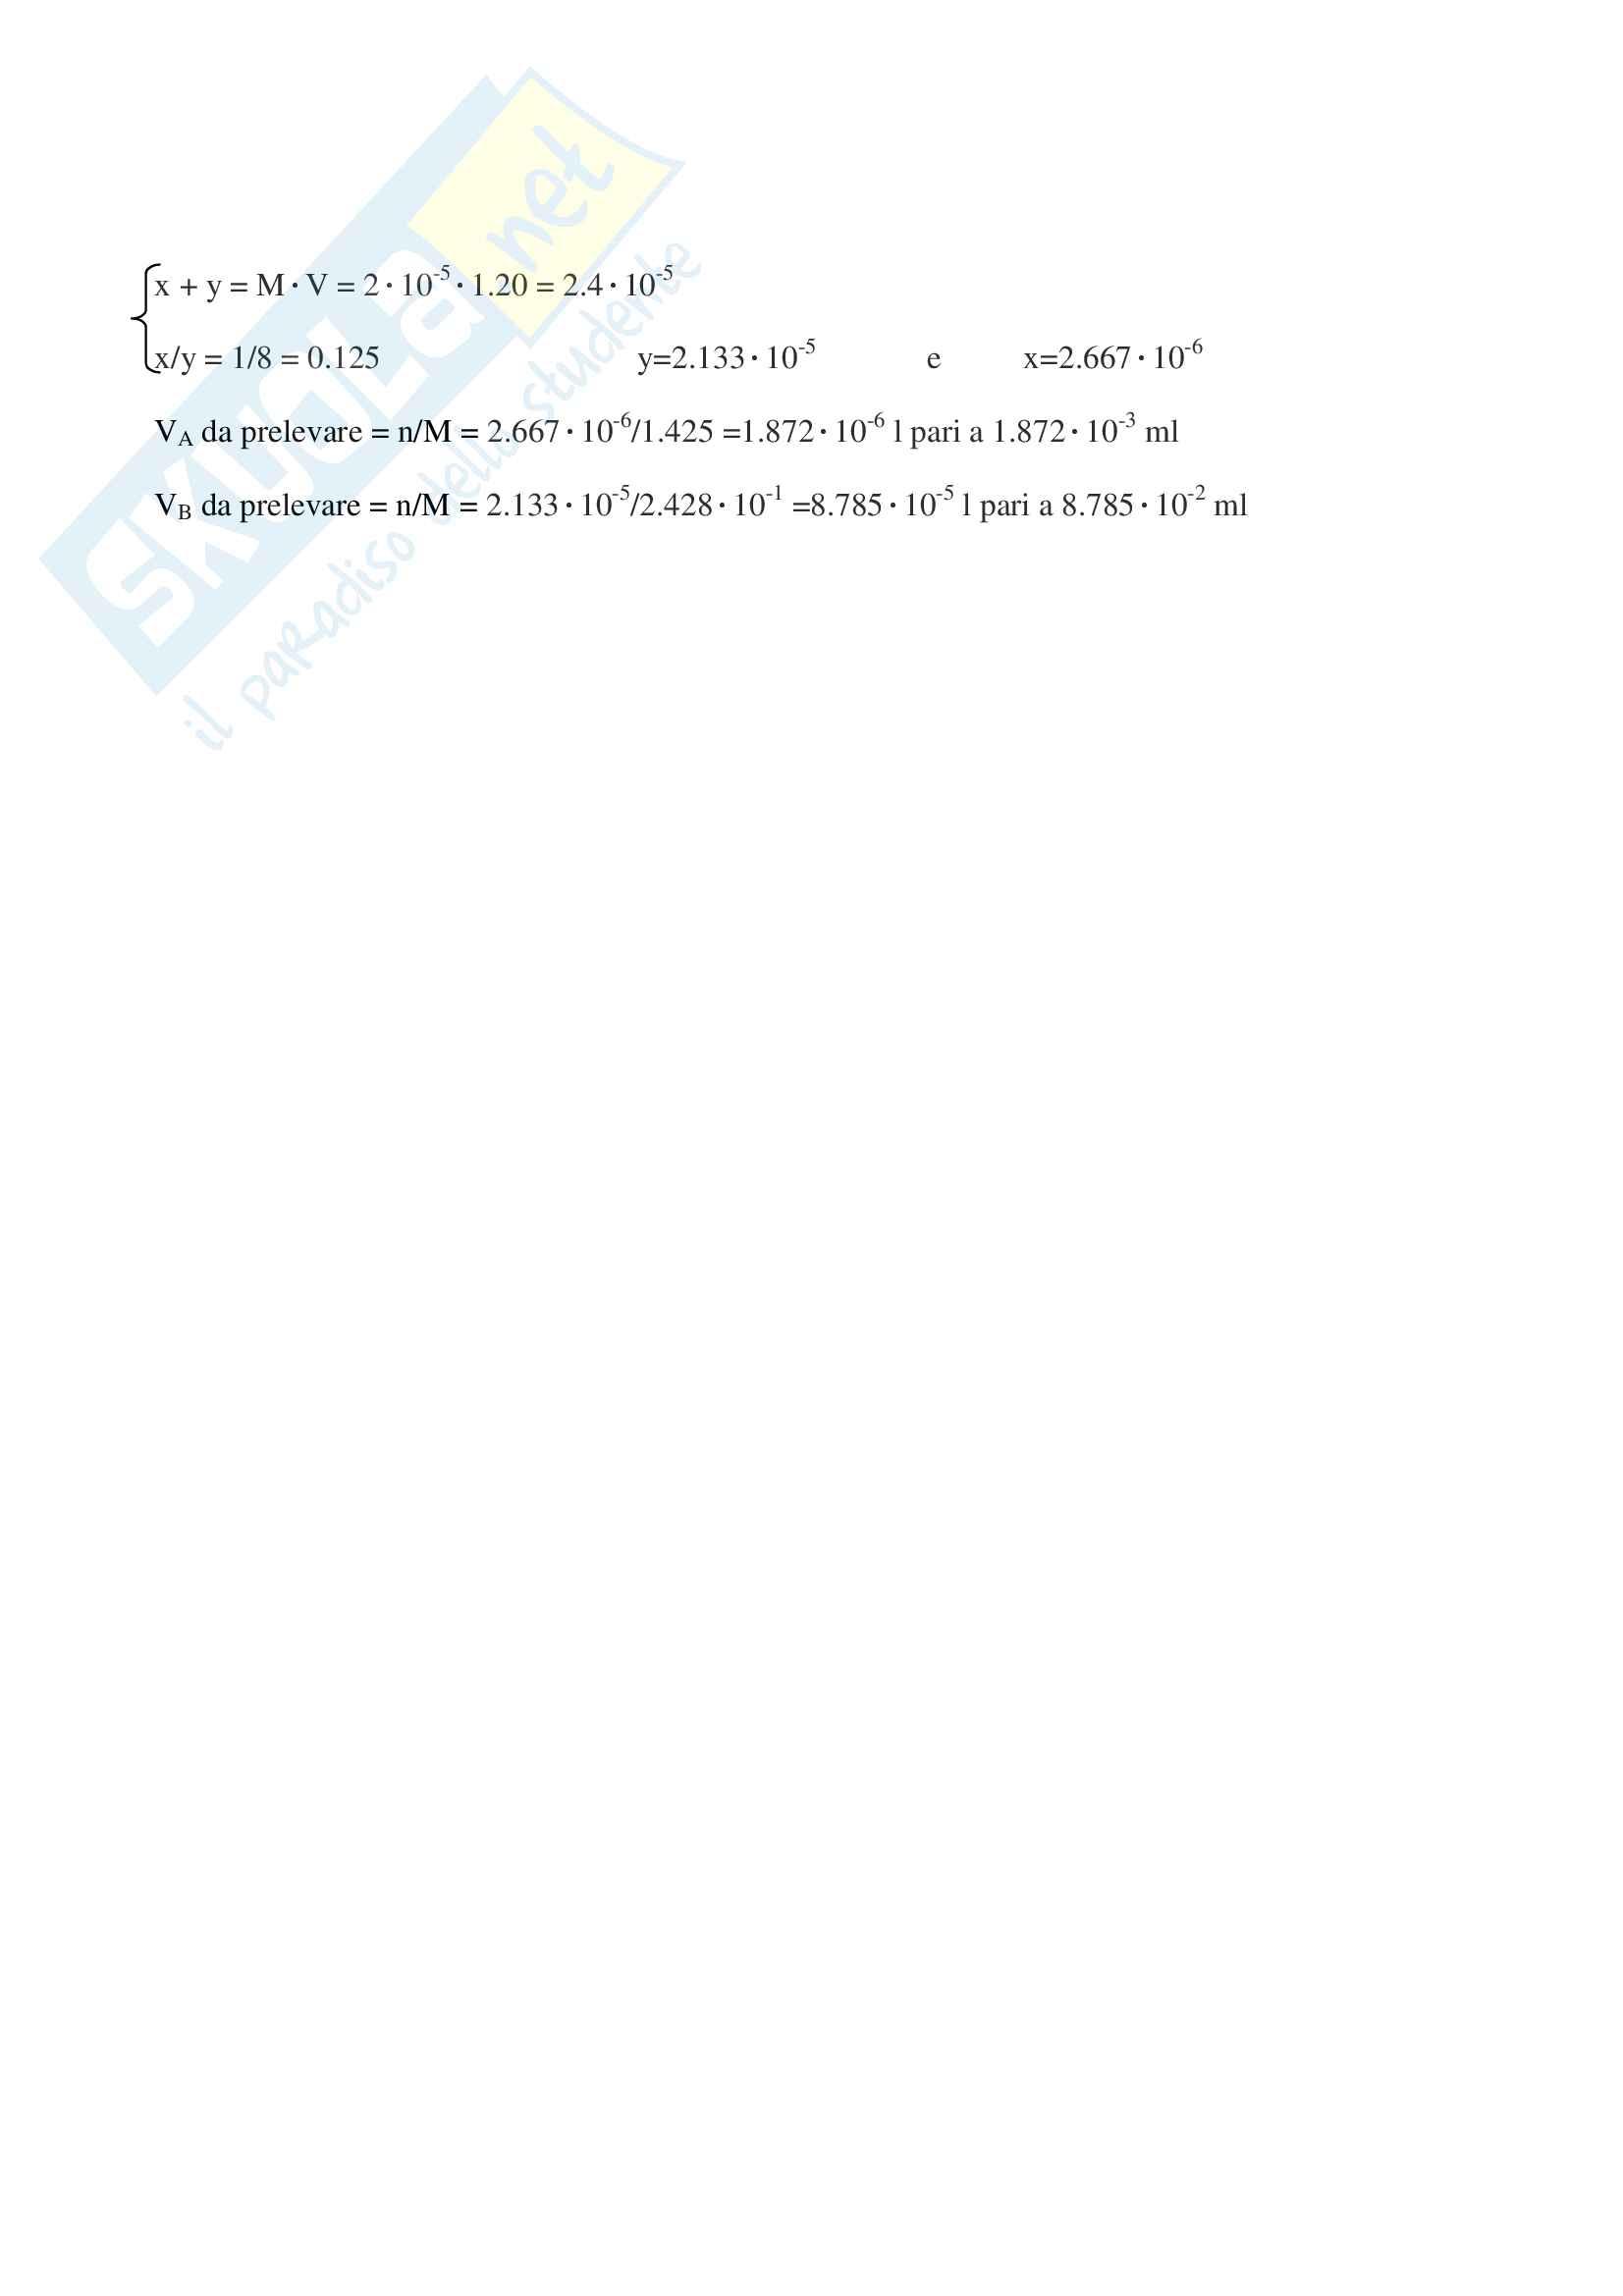 Esercizi d'esame svolti di chimica generale ed inorganica - Ctf e Farmacia Pag. 6